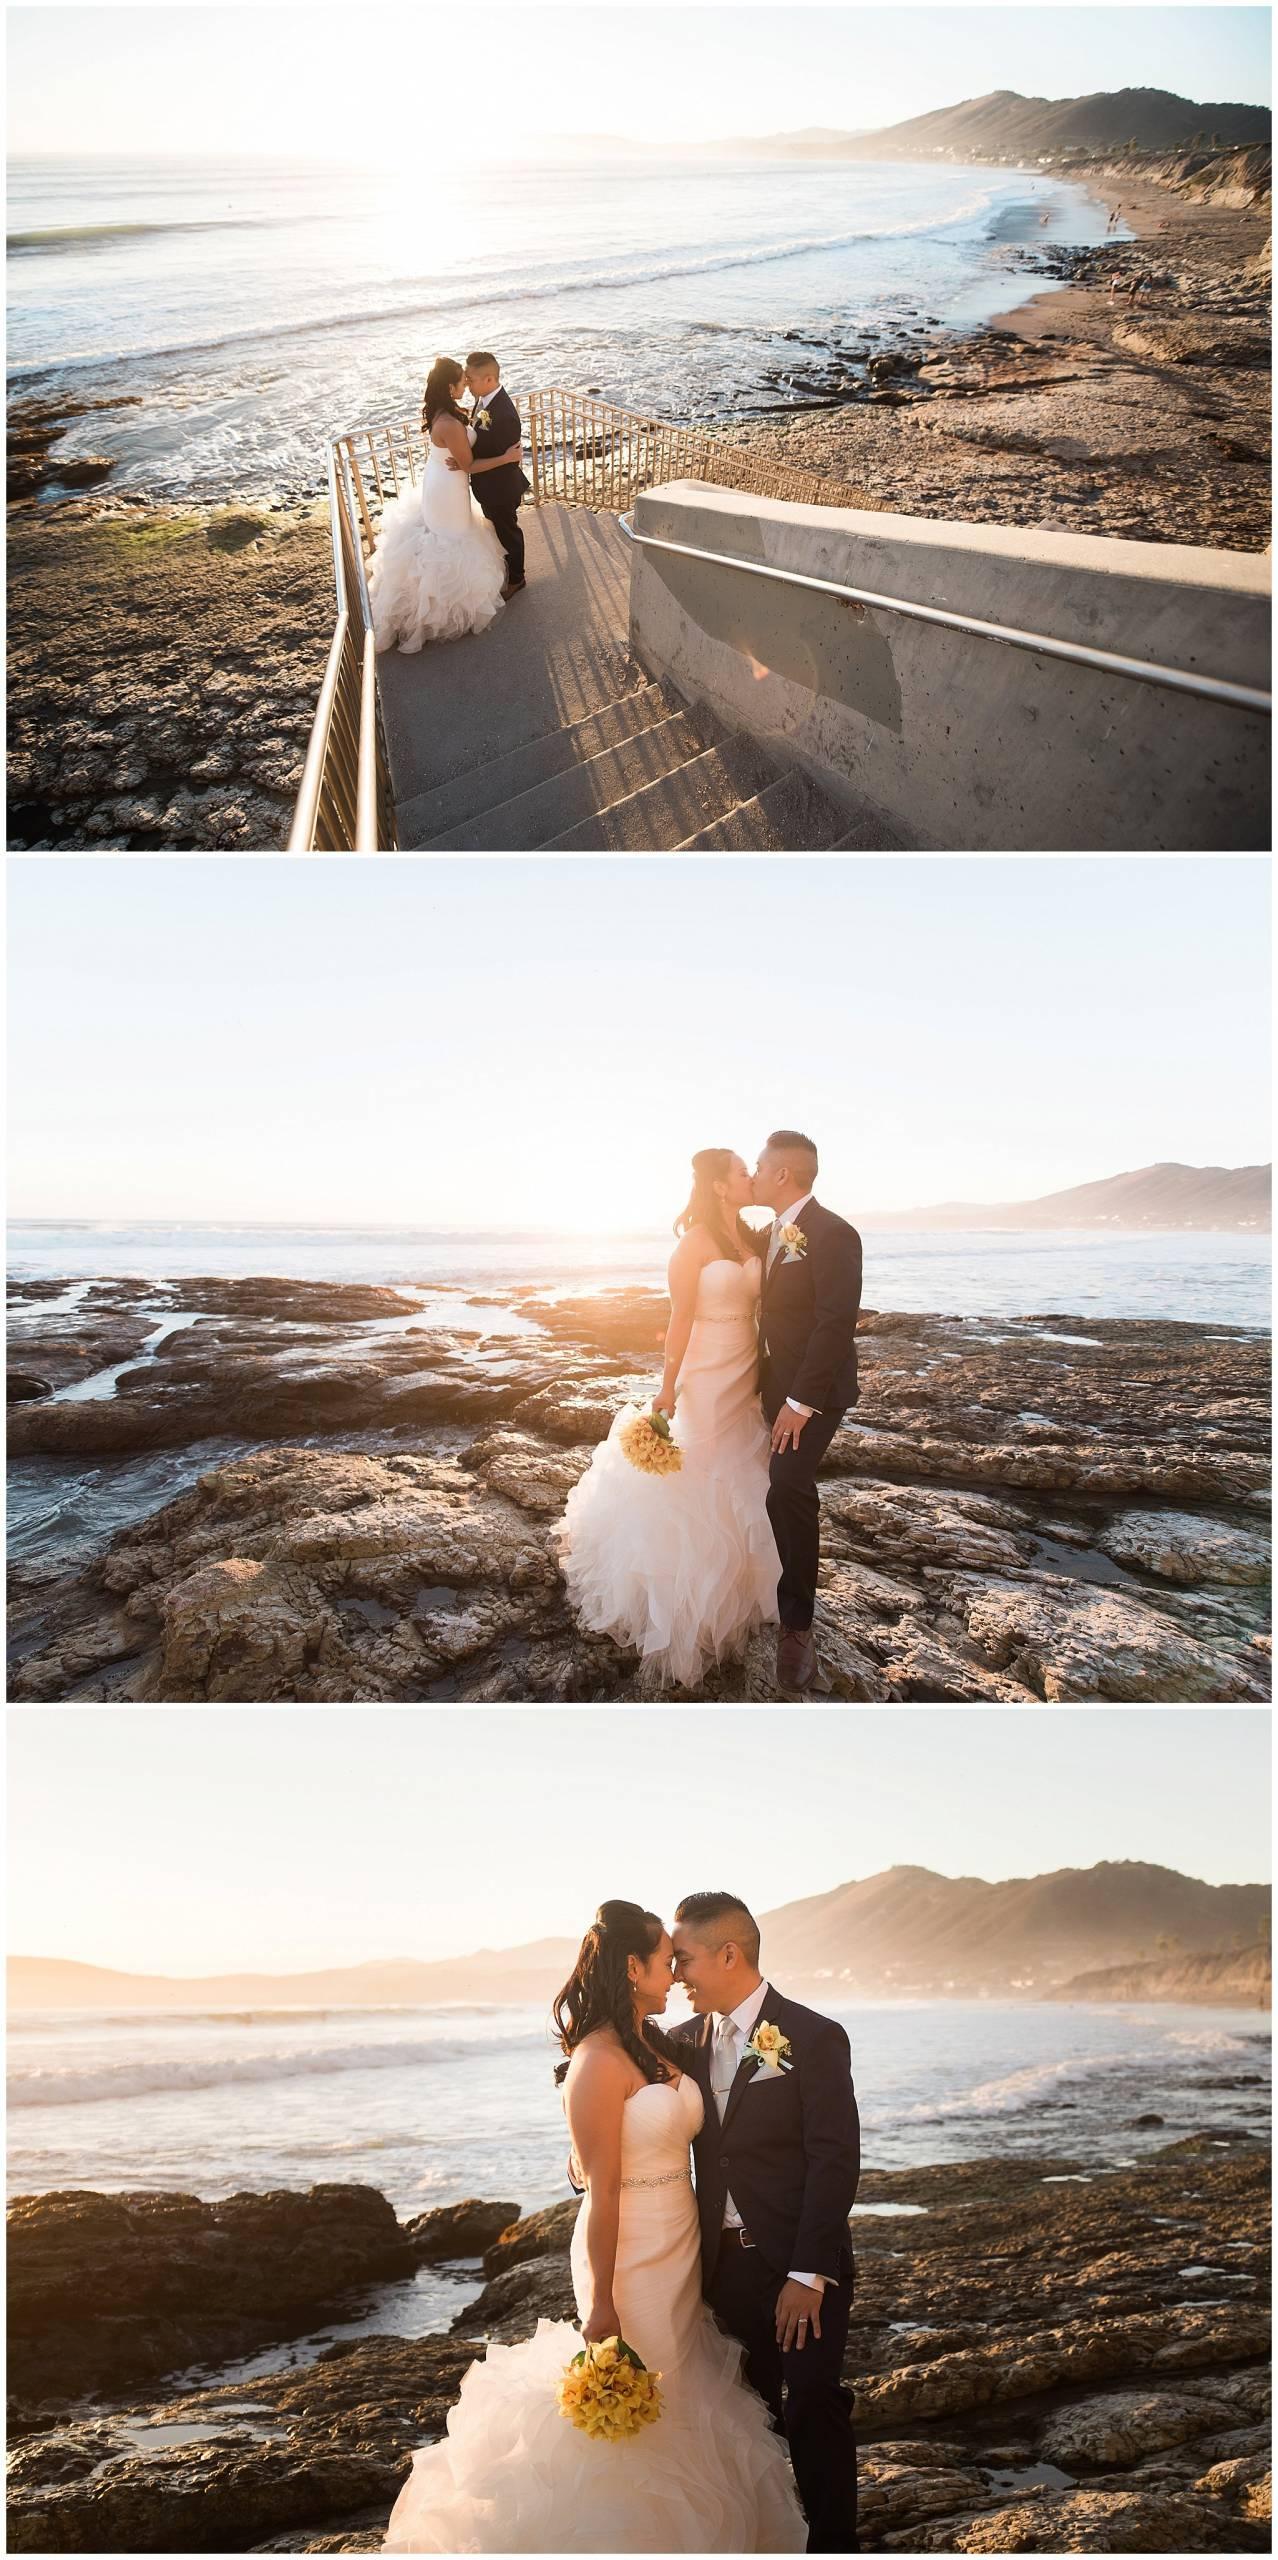 Ha & Allen Wedding Third Element Photography & Cinema Pismo Beach Cliffs Resort Central Coast Hybrid Film Wedding Photographer_0033